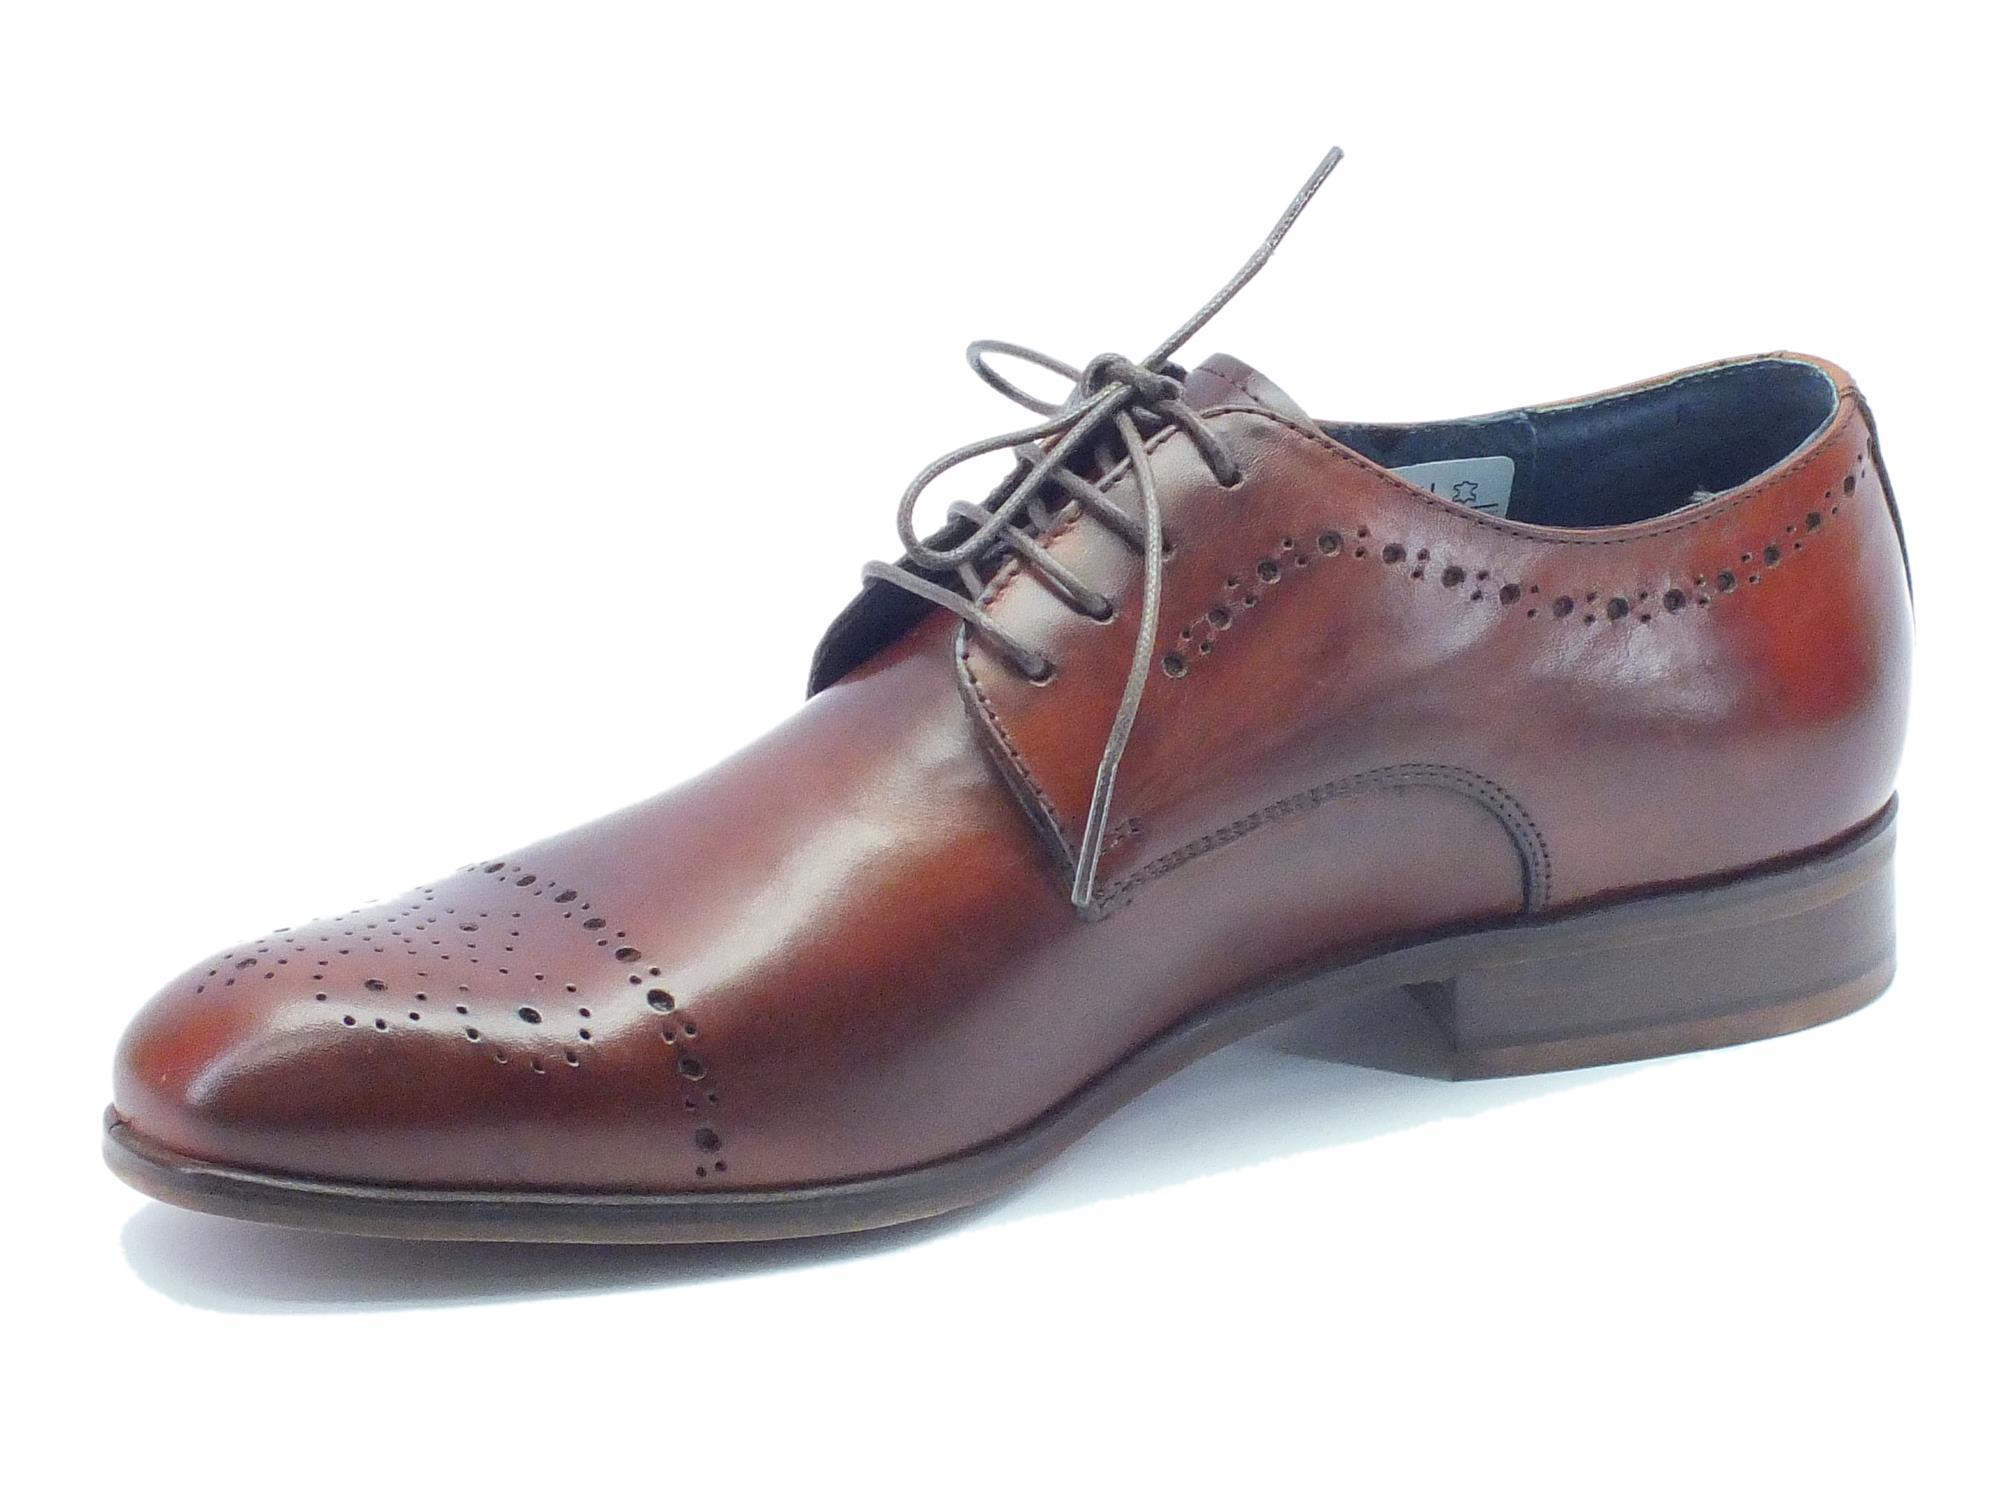 Scarpe classiche da uomo NicolaBenson pelle marrone - Vitiello Calzature cadc16faa79